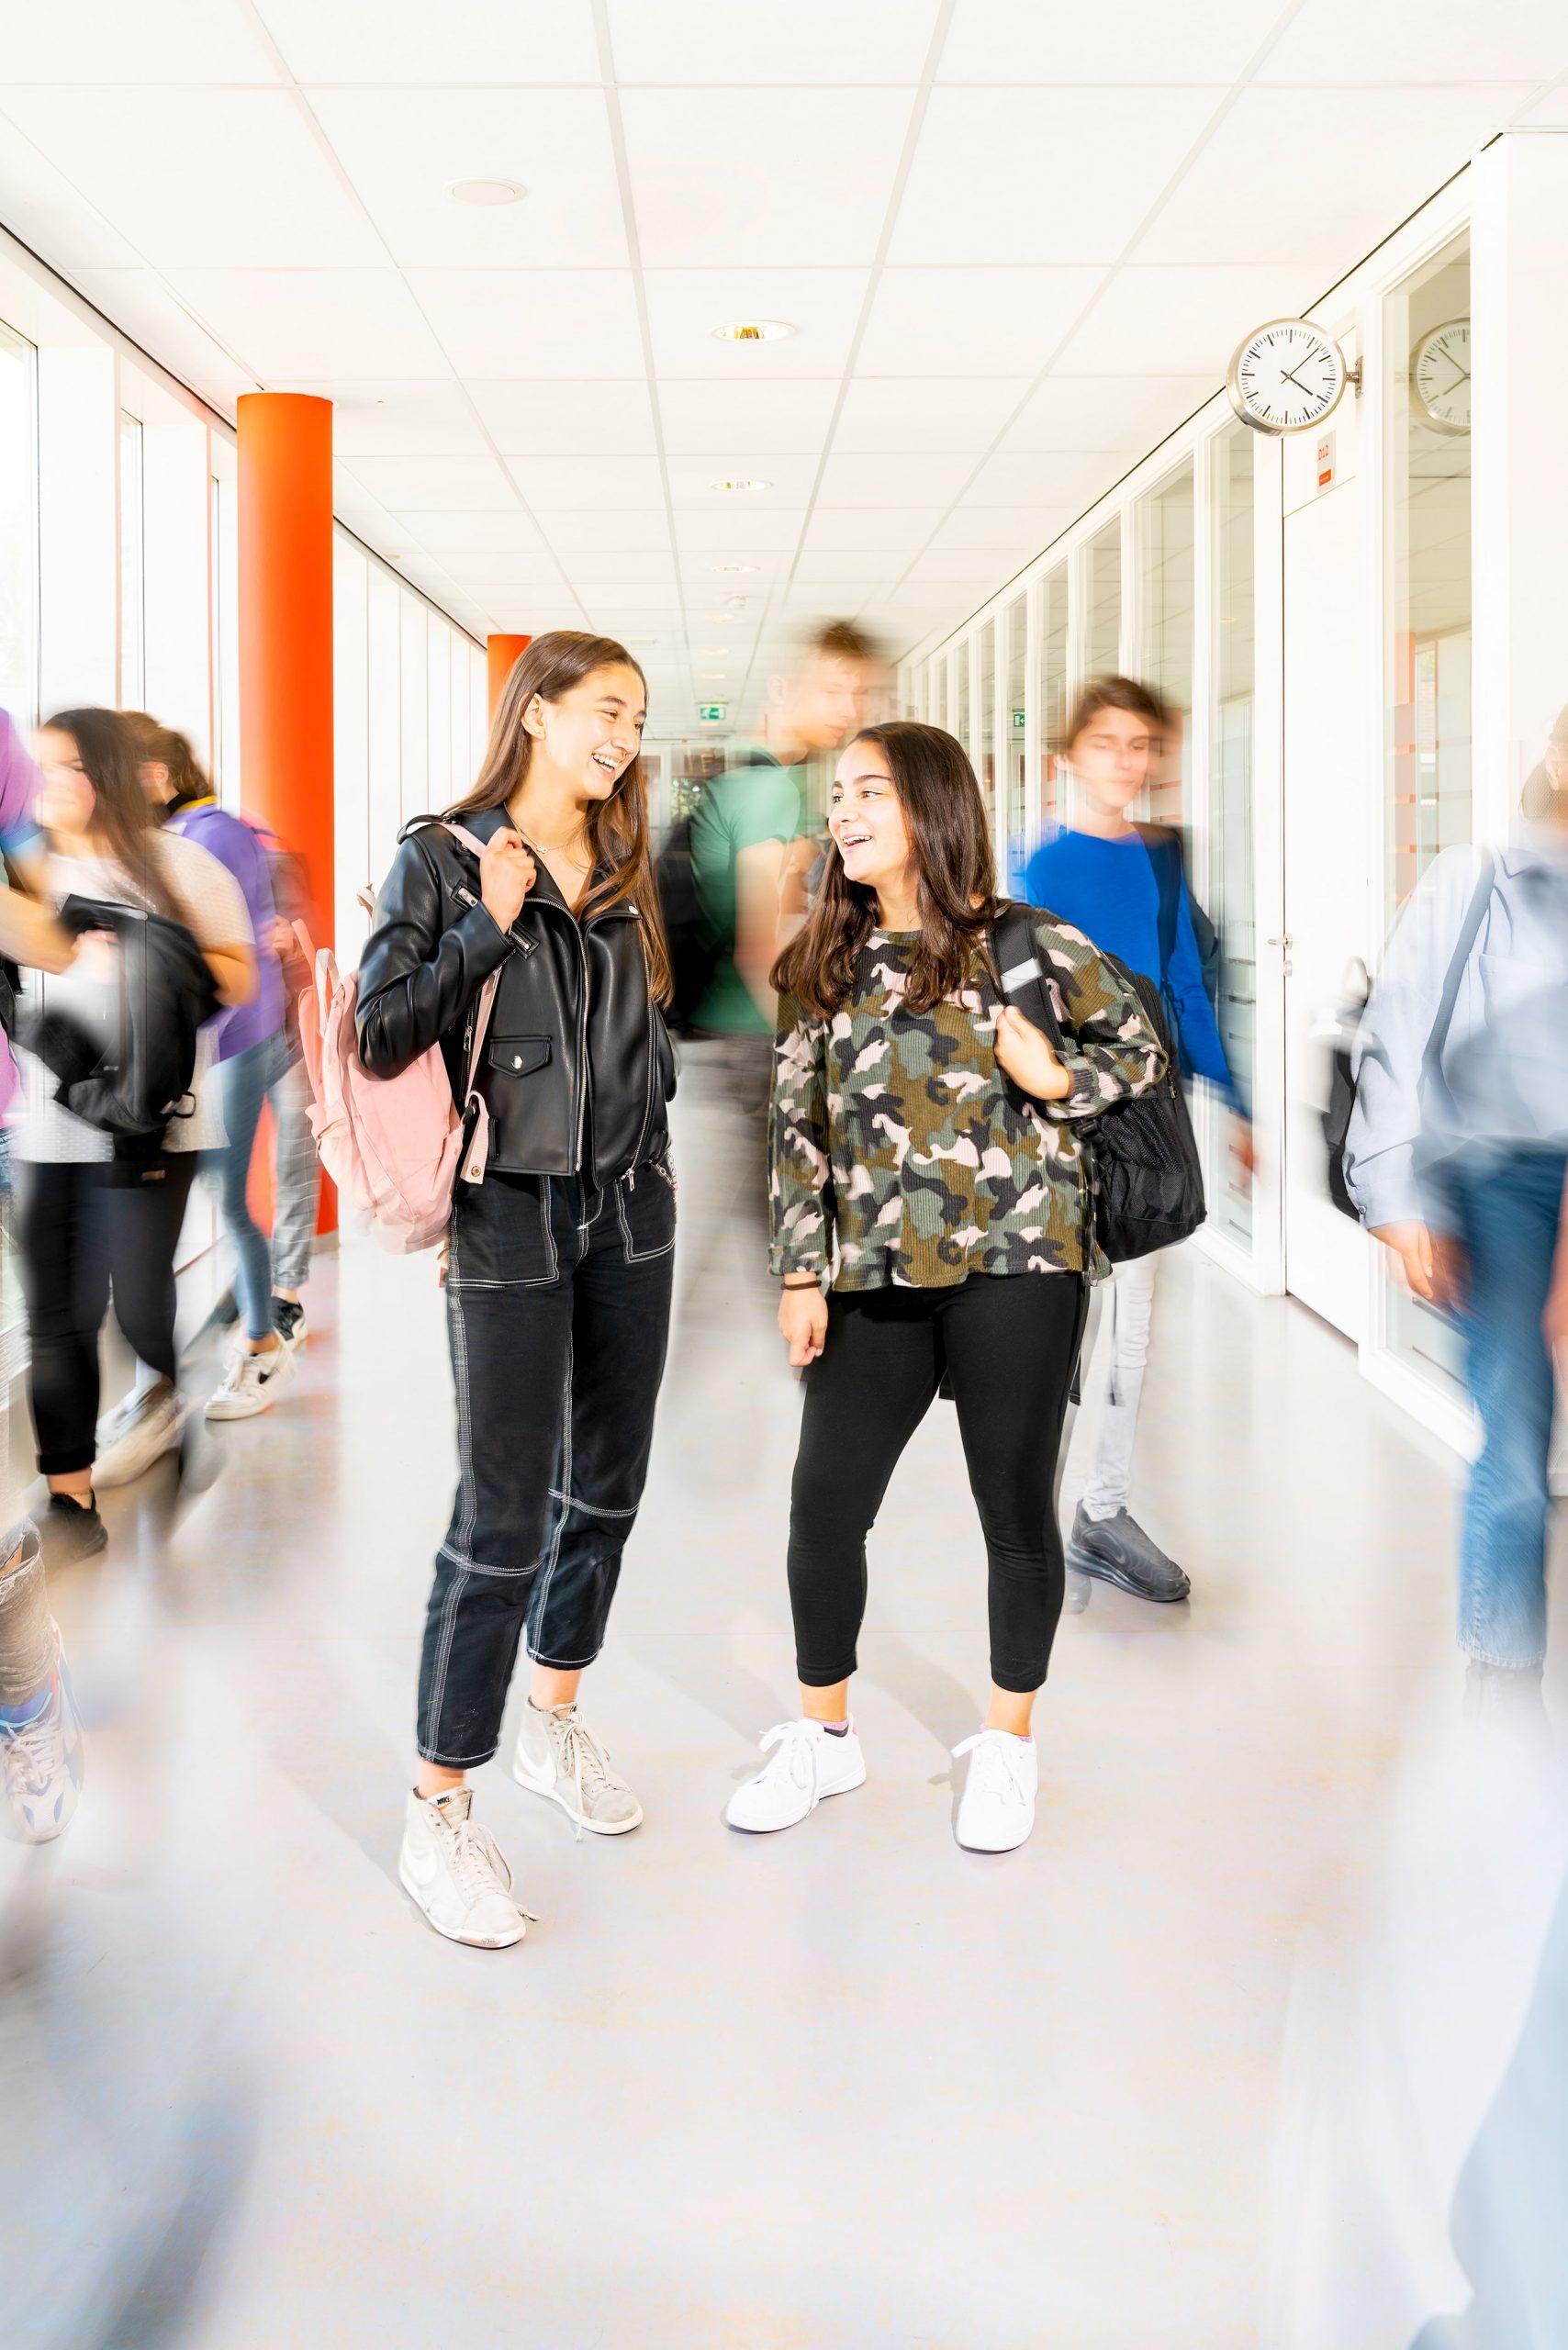 Leerlingen in de schoolgangen. Campagne fotografie voor Het stedelijk Lyceum Enschede.